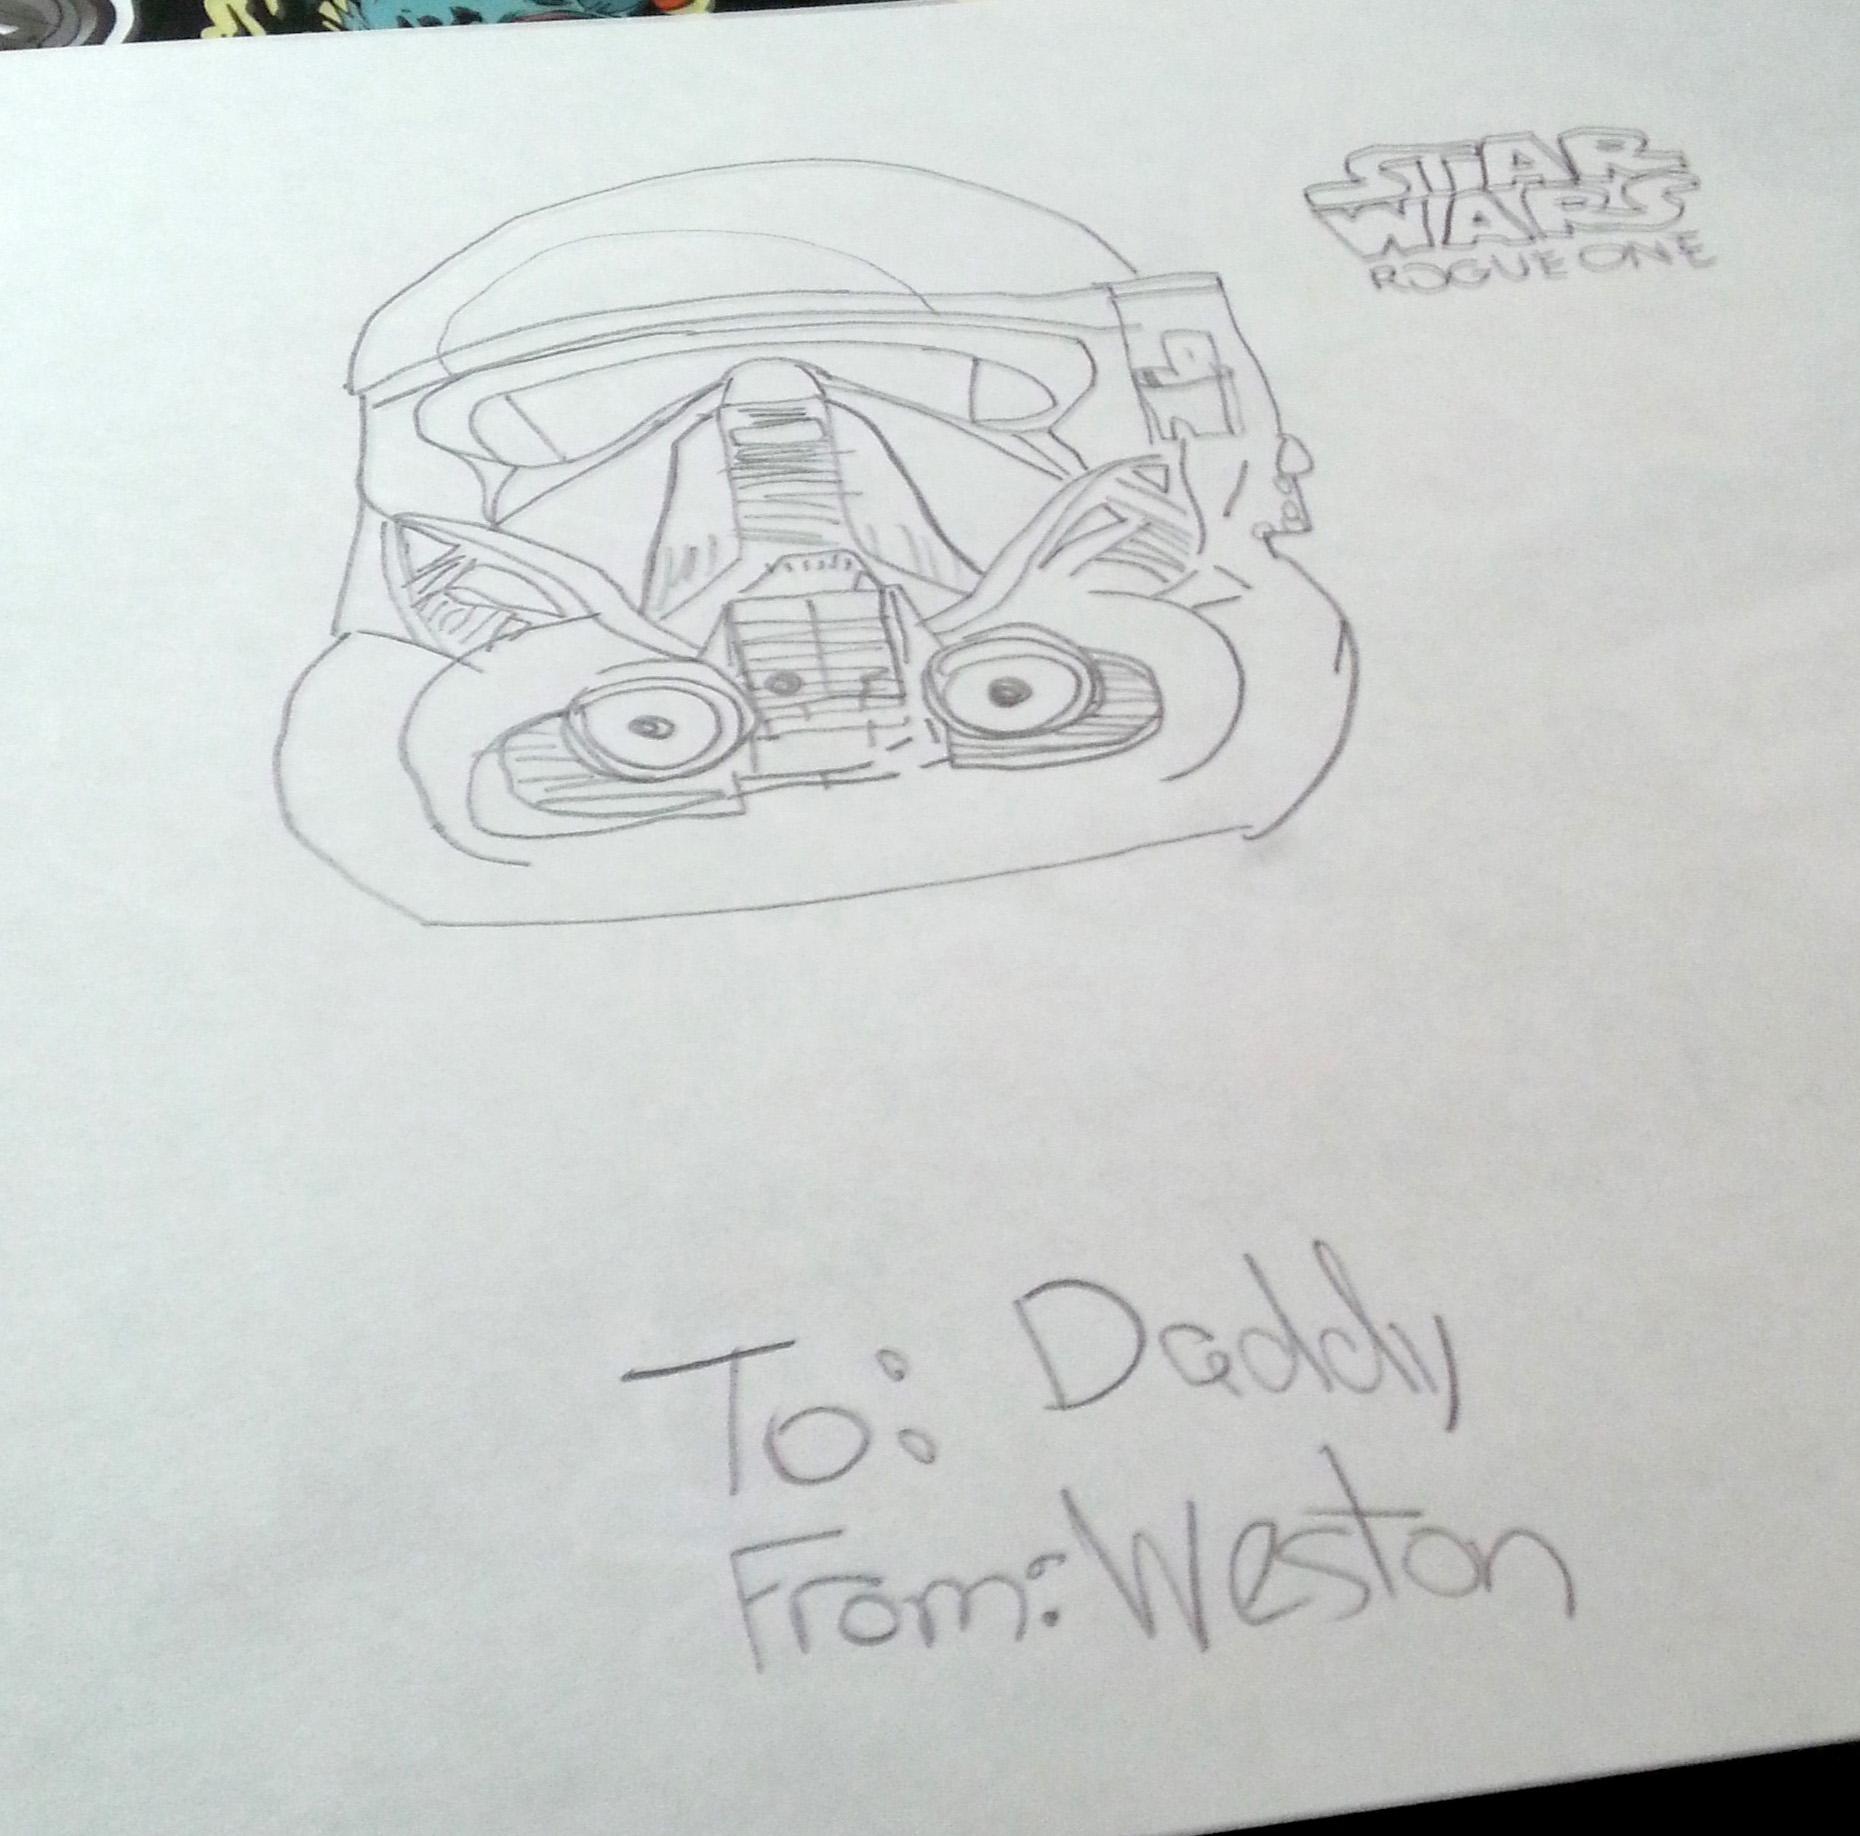 Weston's sketch